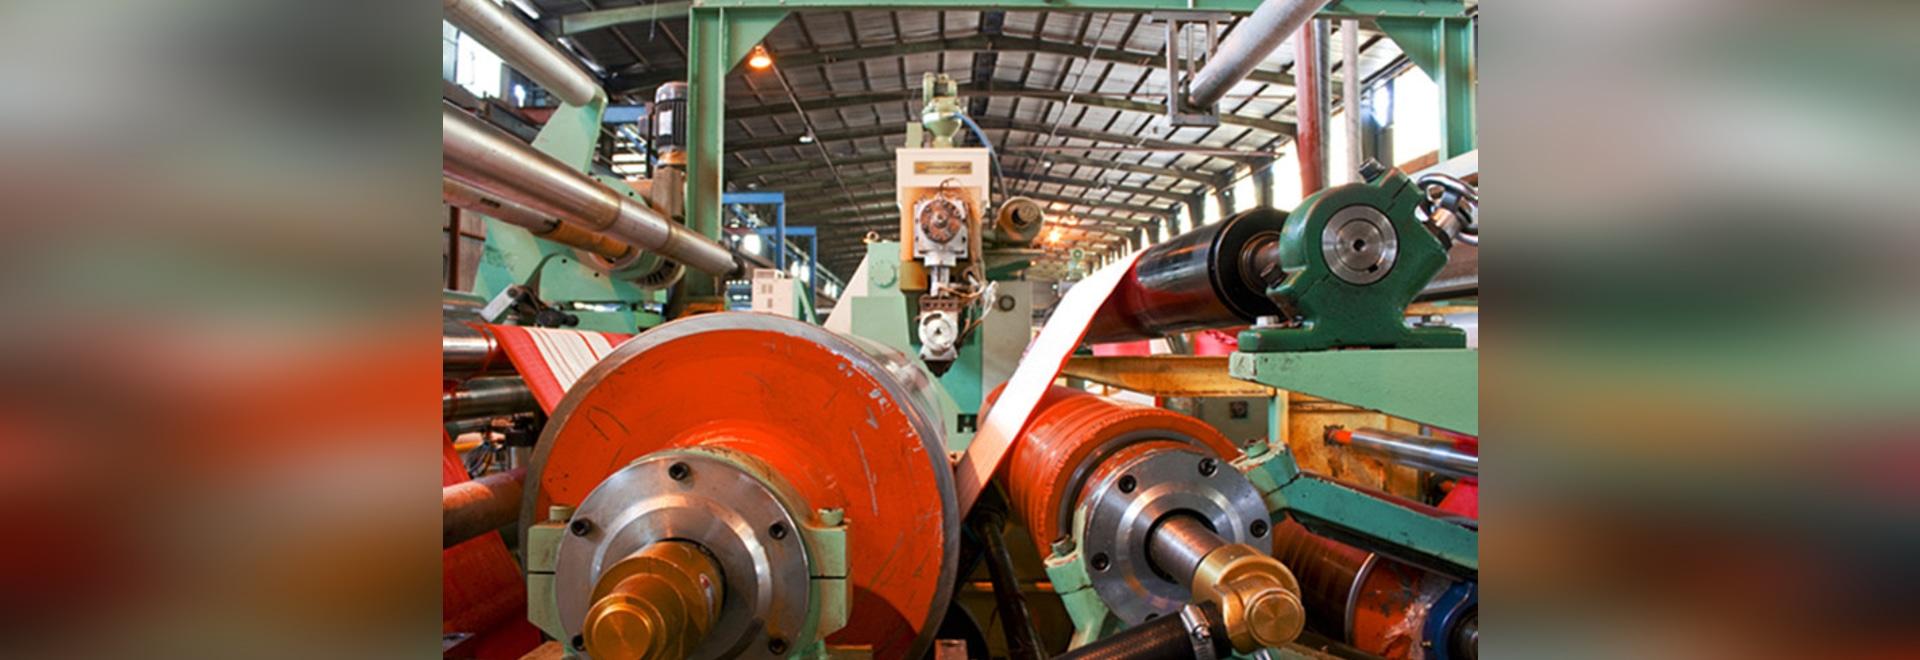 INVT DA200 traf auf lineare Schneidemaschine zu